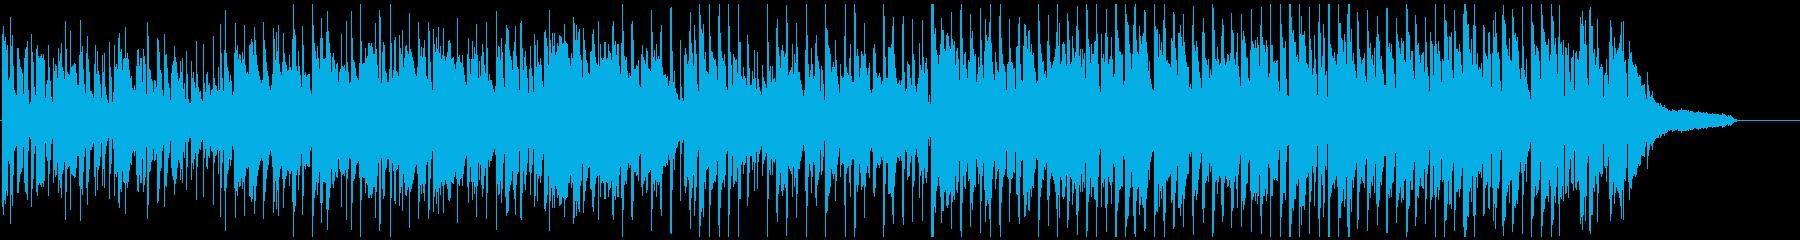 ファンキーなクラブジャズ系のファンクの再生済みの波形